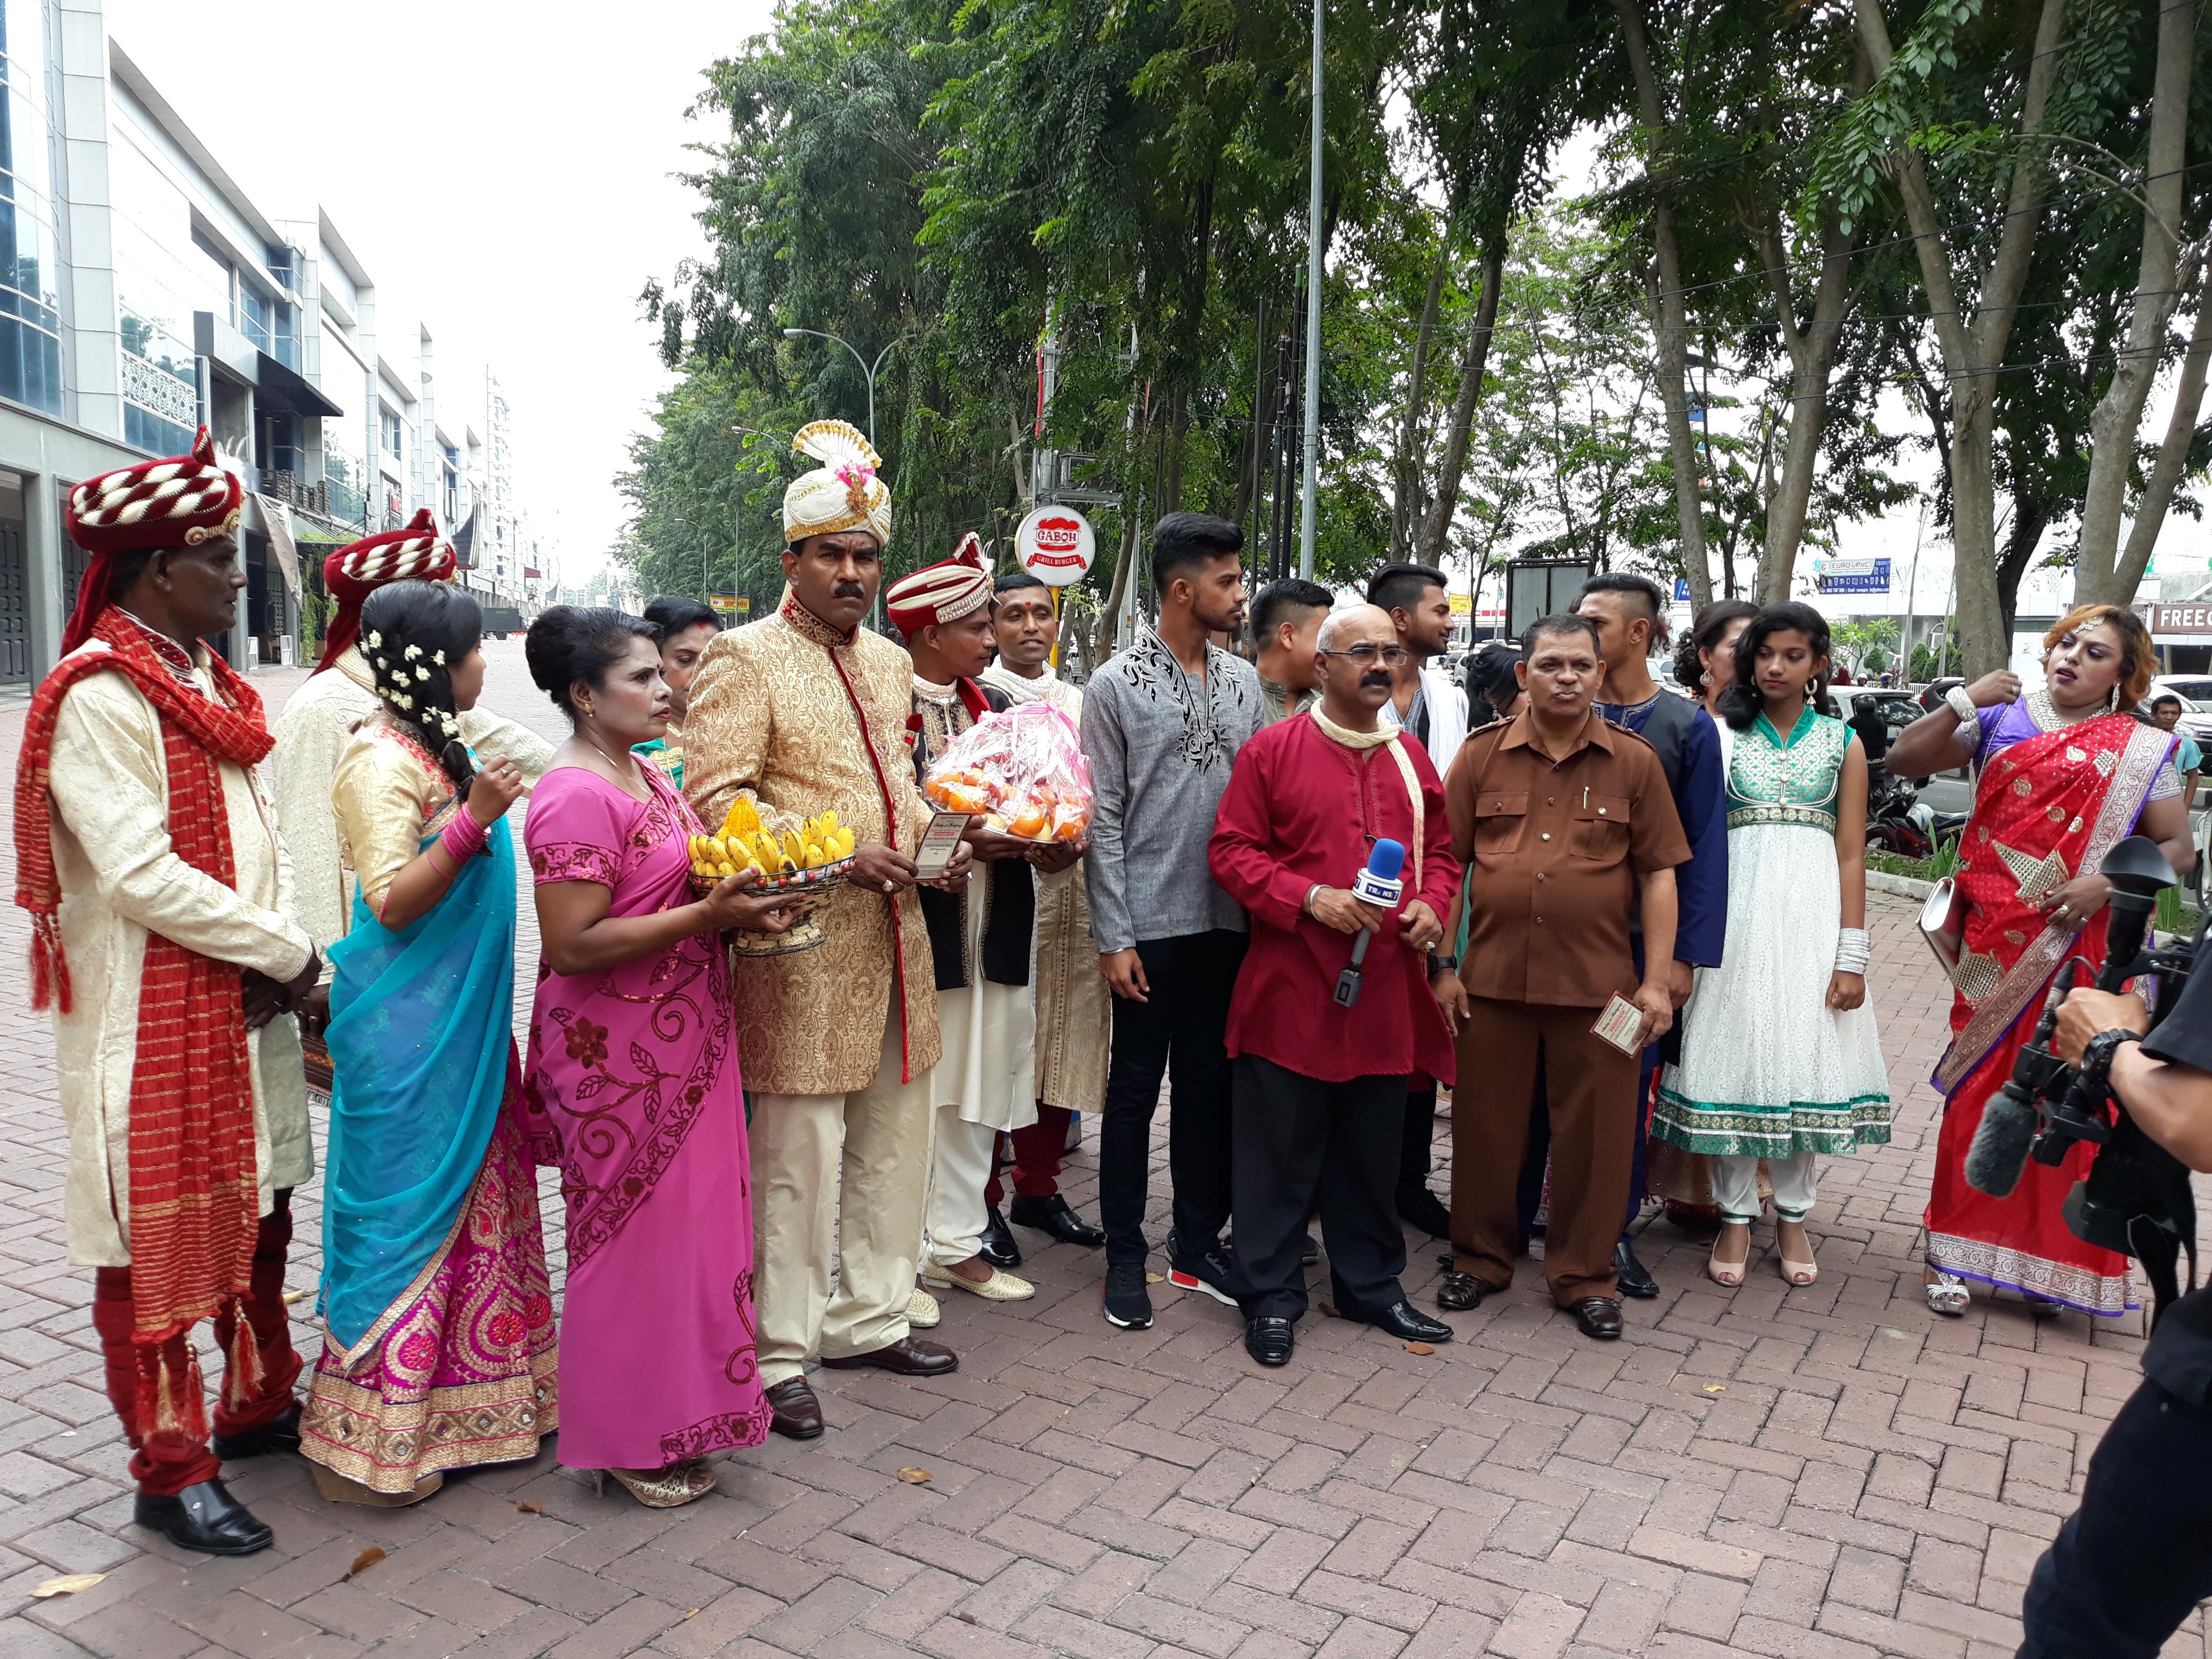 Persatuan Warga Tamil Katolik Bangga Mendapat Undangan Pesta Ngunduh Bobby Nasution-Kahiyang Ayu